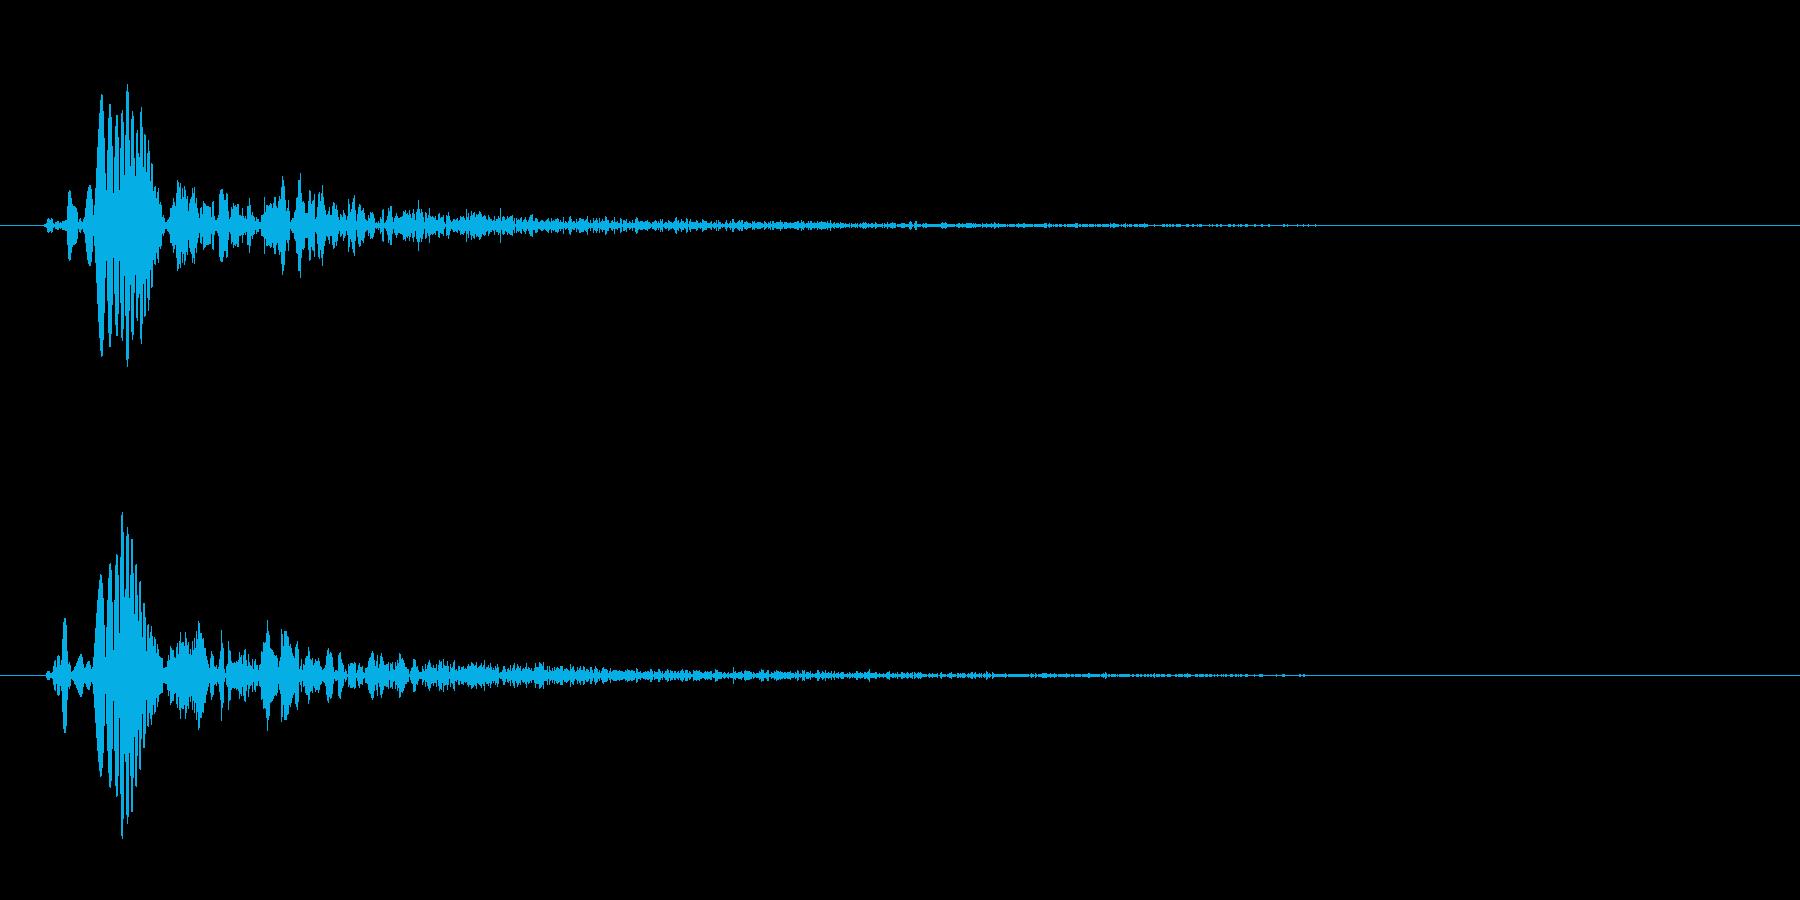 ぷにっとしたゲームのような効果音の再生済みの波形